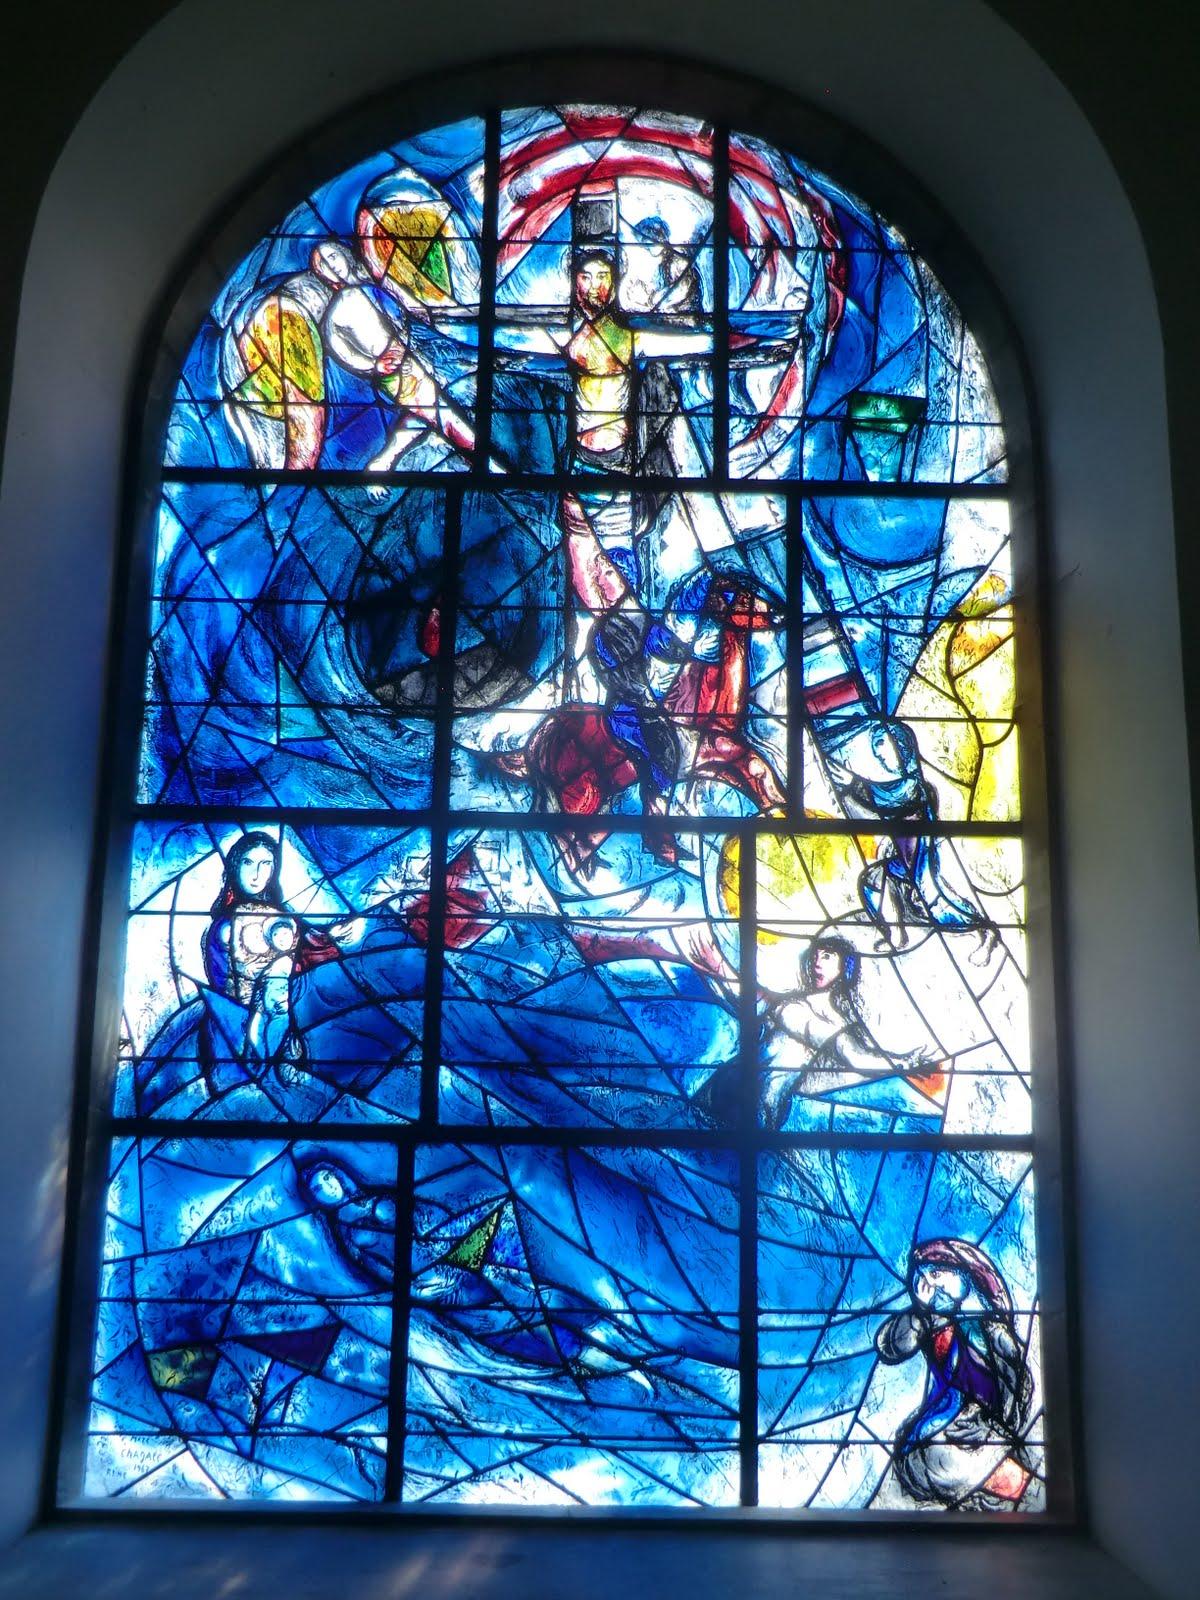 CIMG1554 Chagall window #8 (memorial window), All Saints church